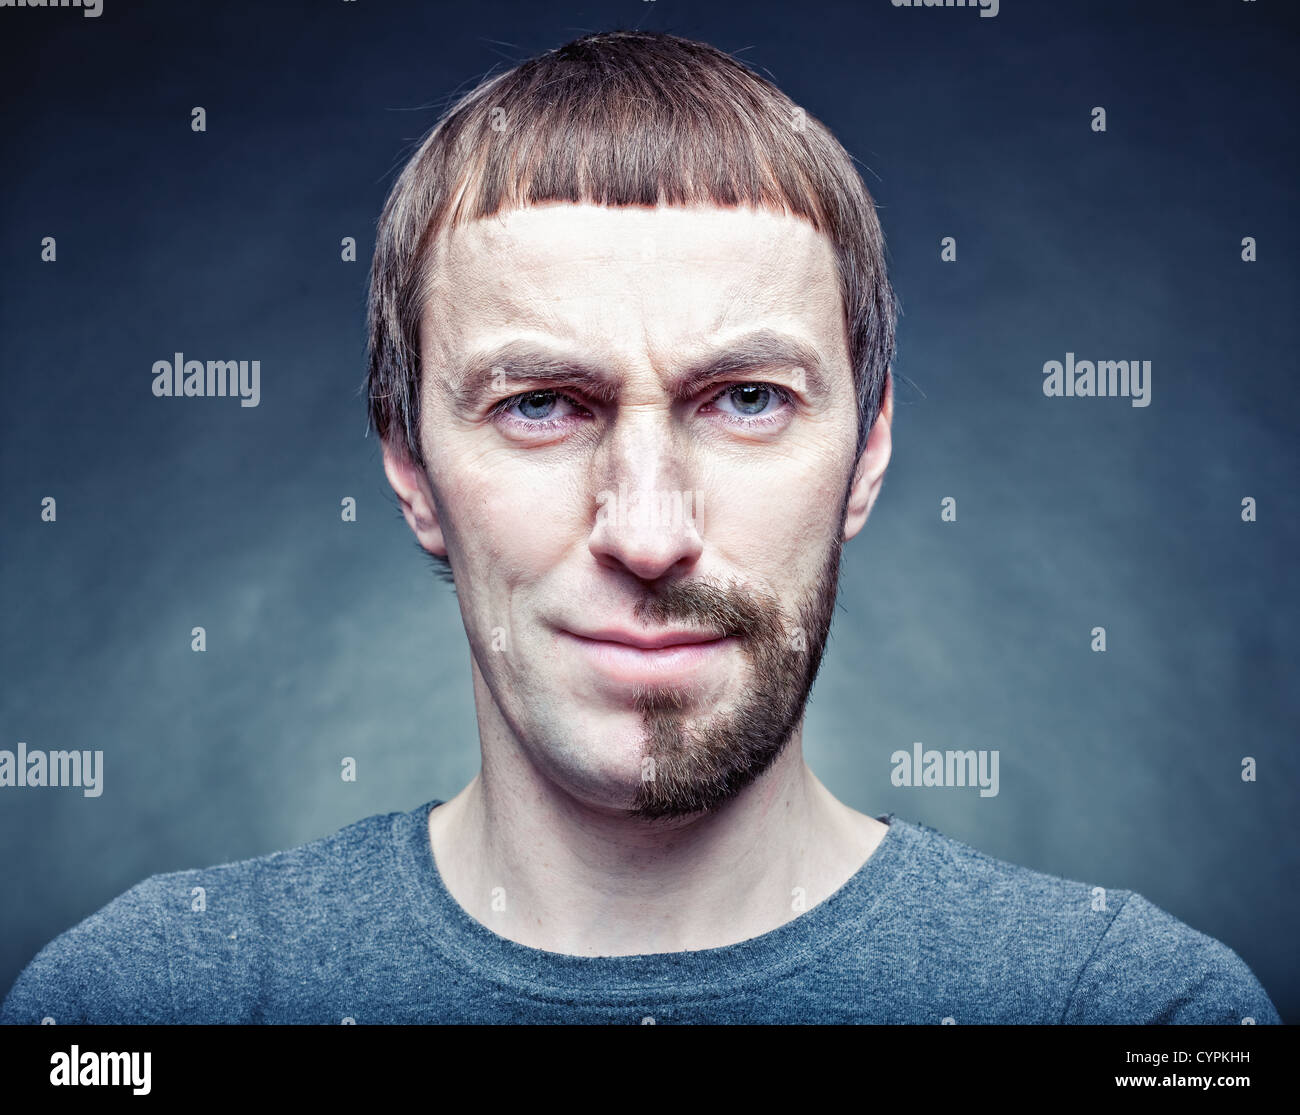 eine halbe Stufe das Gesicht zu rasieren. Fotokonzept Stockfoto